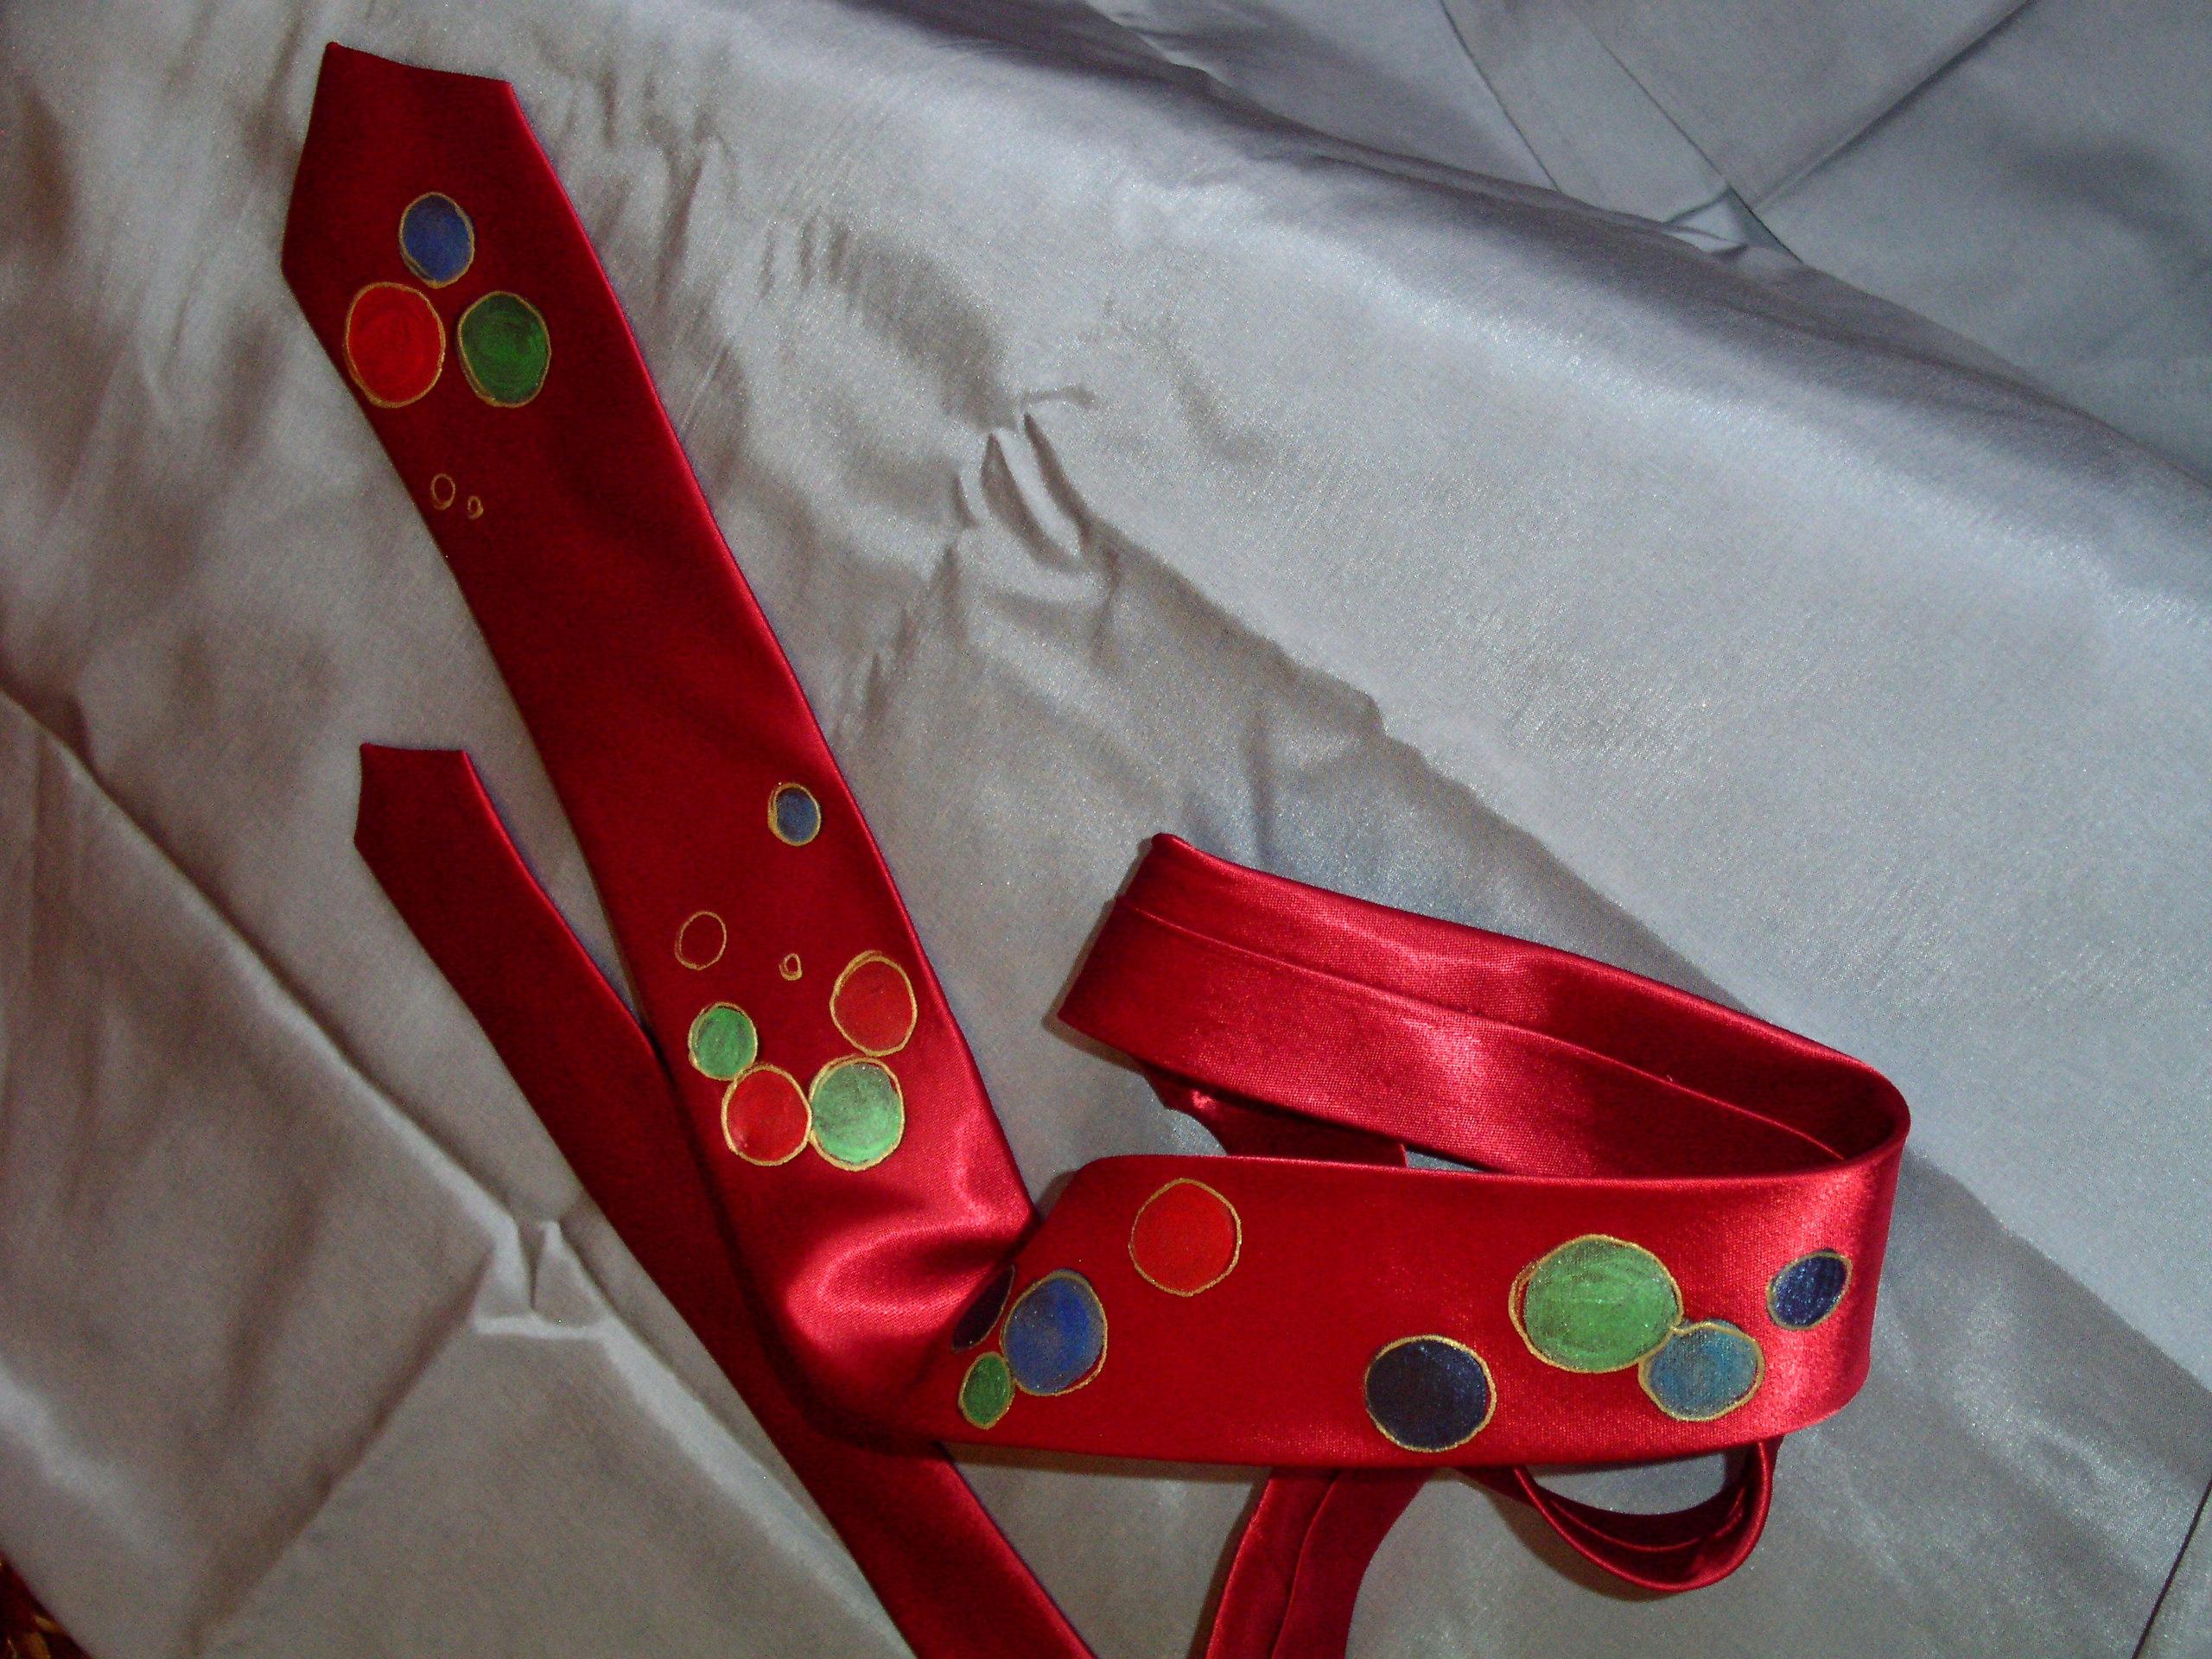 Satynowy krawat ręcznie malowany, prezent!